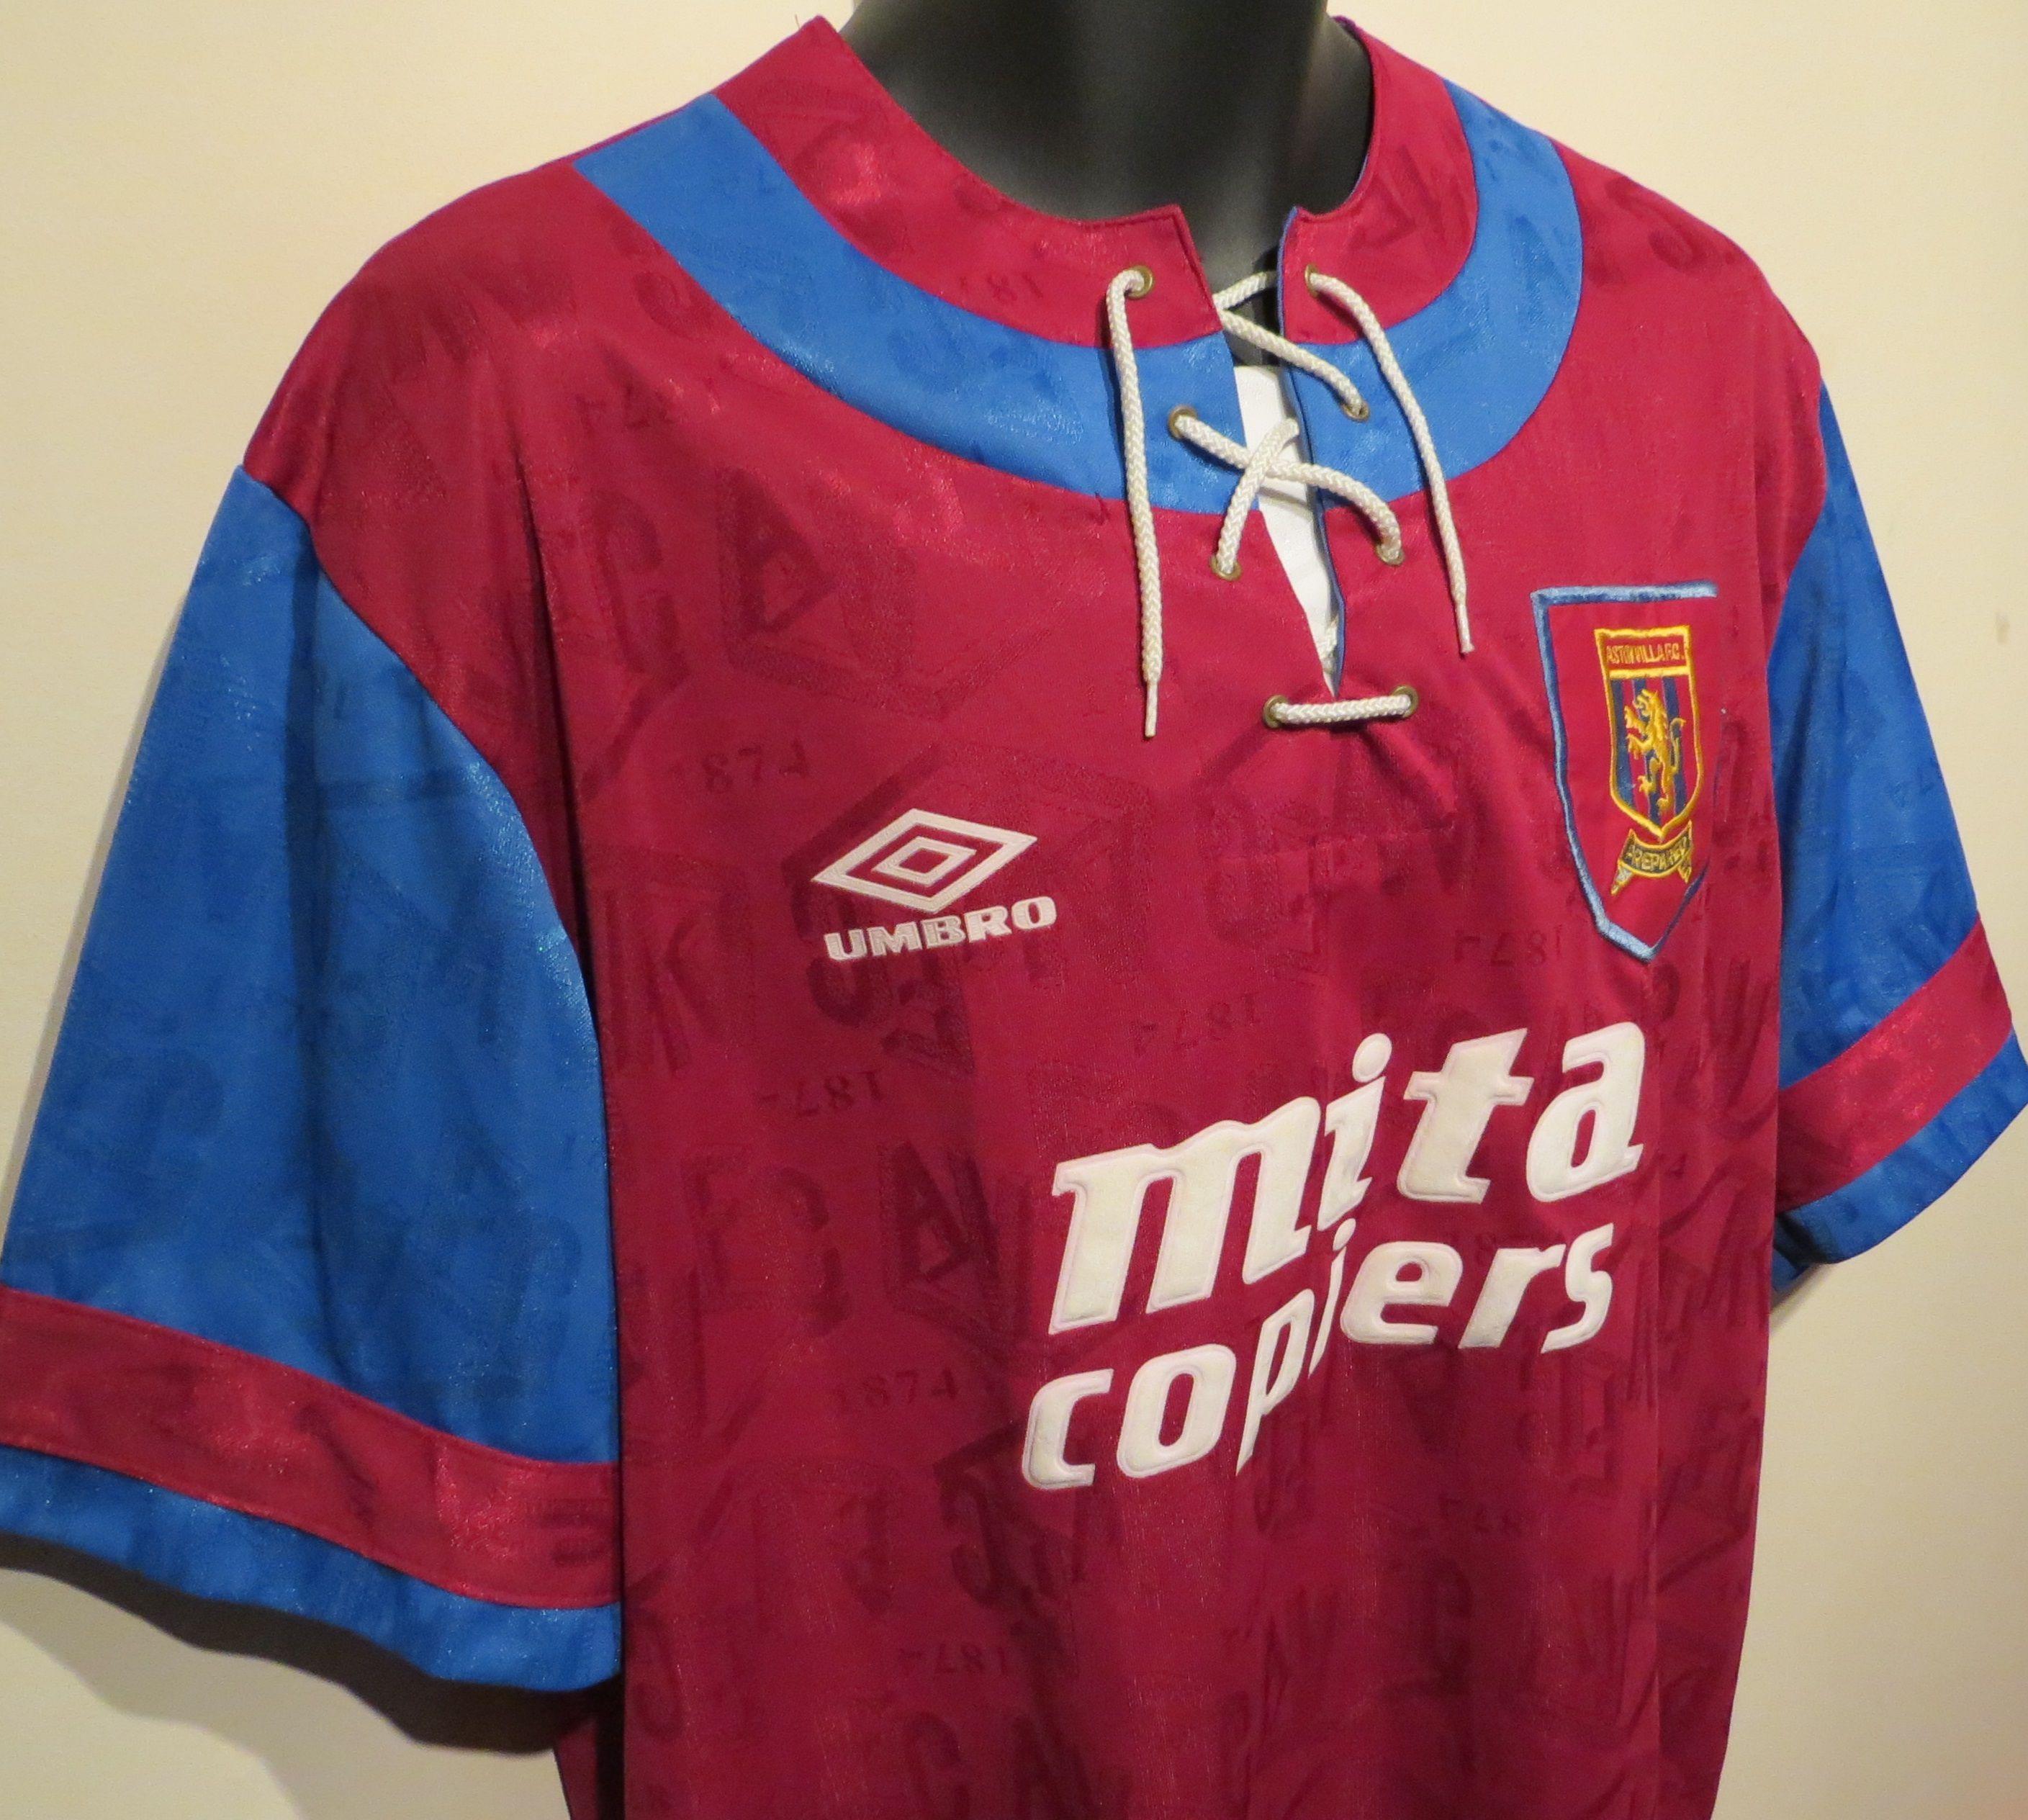 02331e720 1992-93 Aston Villa home shirt by Umbro. #BigRon | Retro Football ...